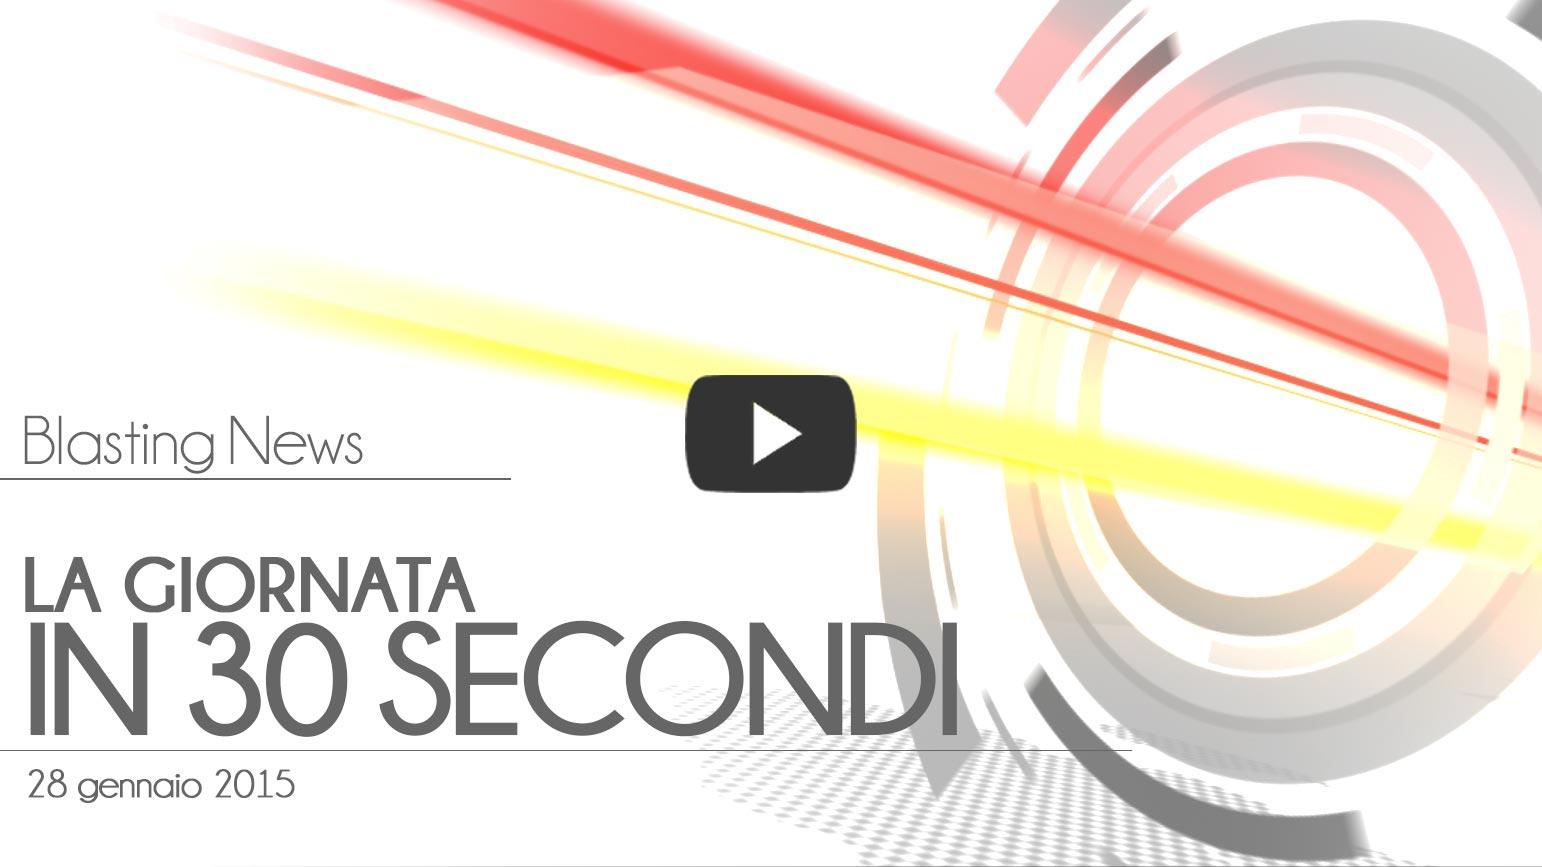 La giornata in 30 secondi - 28 gennaio 2015